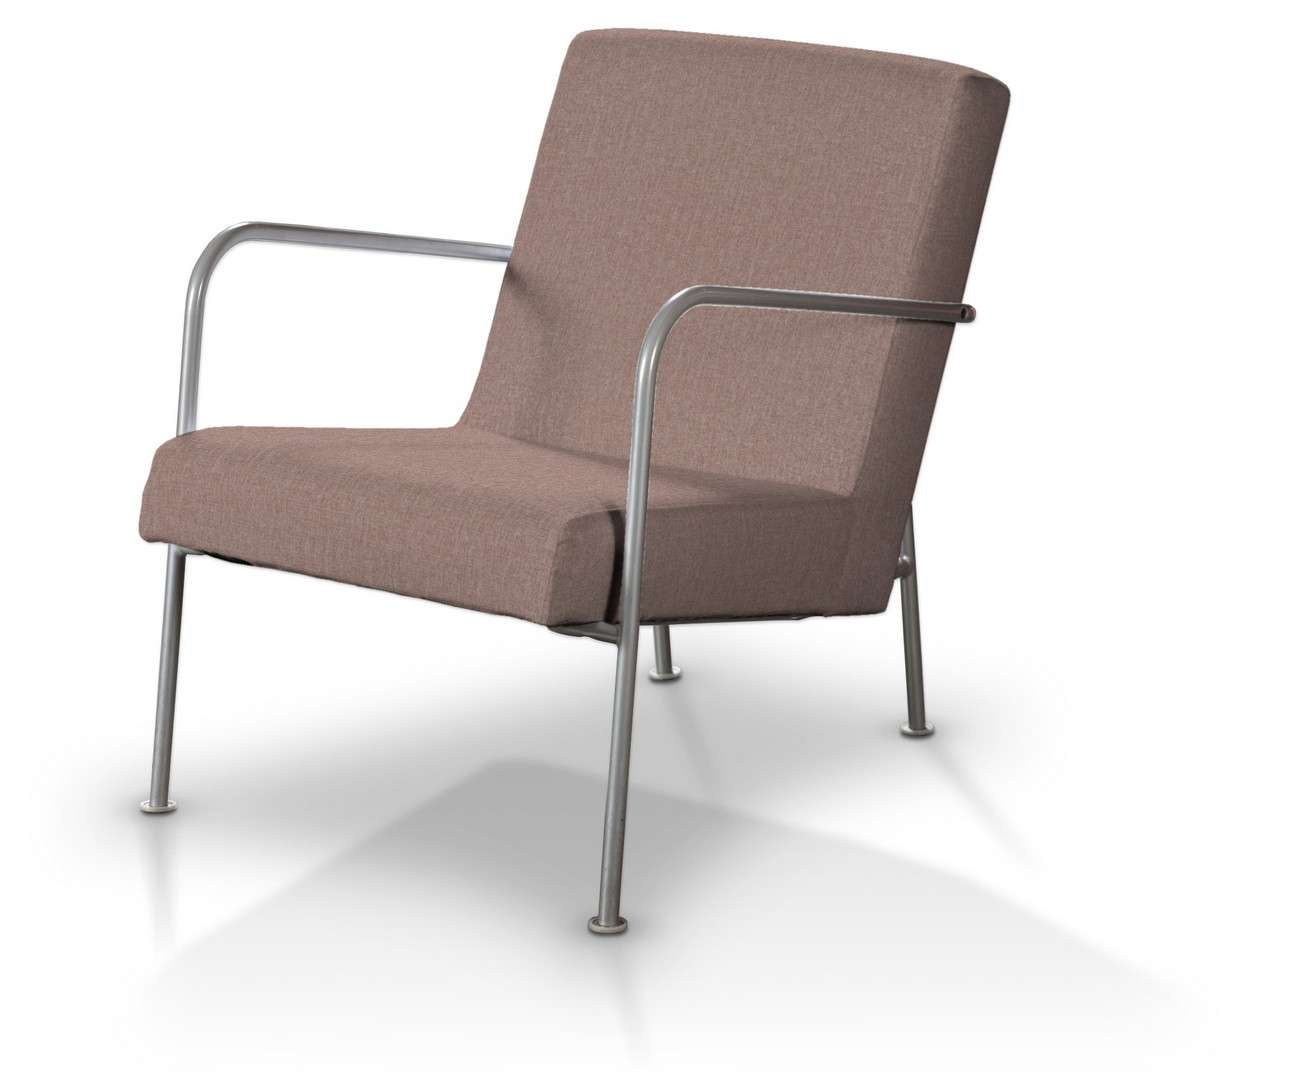 Pokrowiec na fotel Ikea PS w kolekcji City, tkanina: 704-83